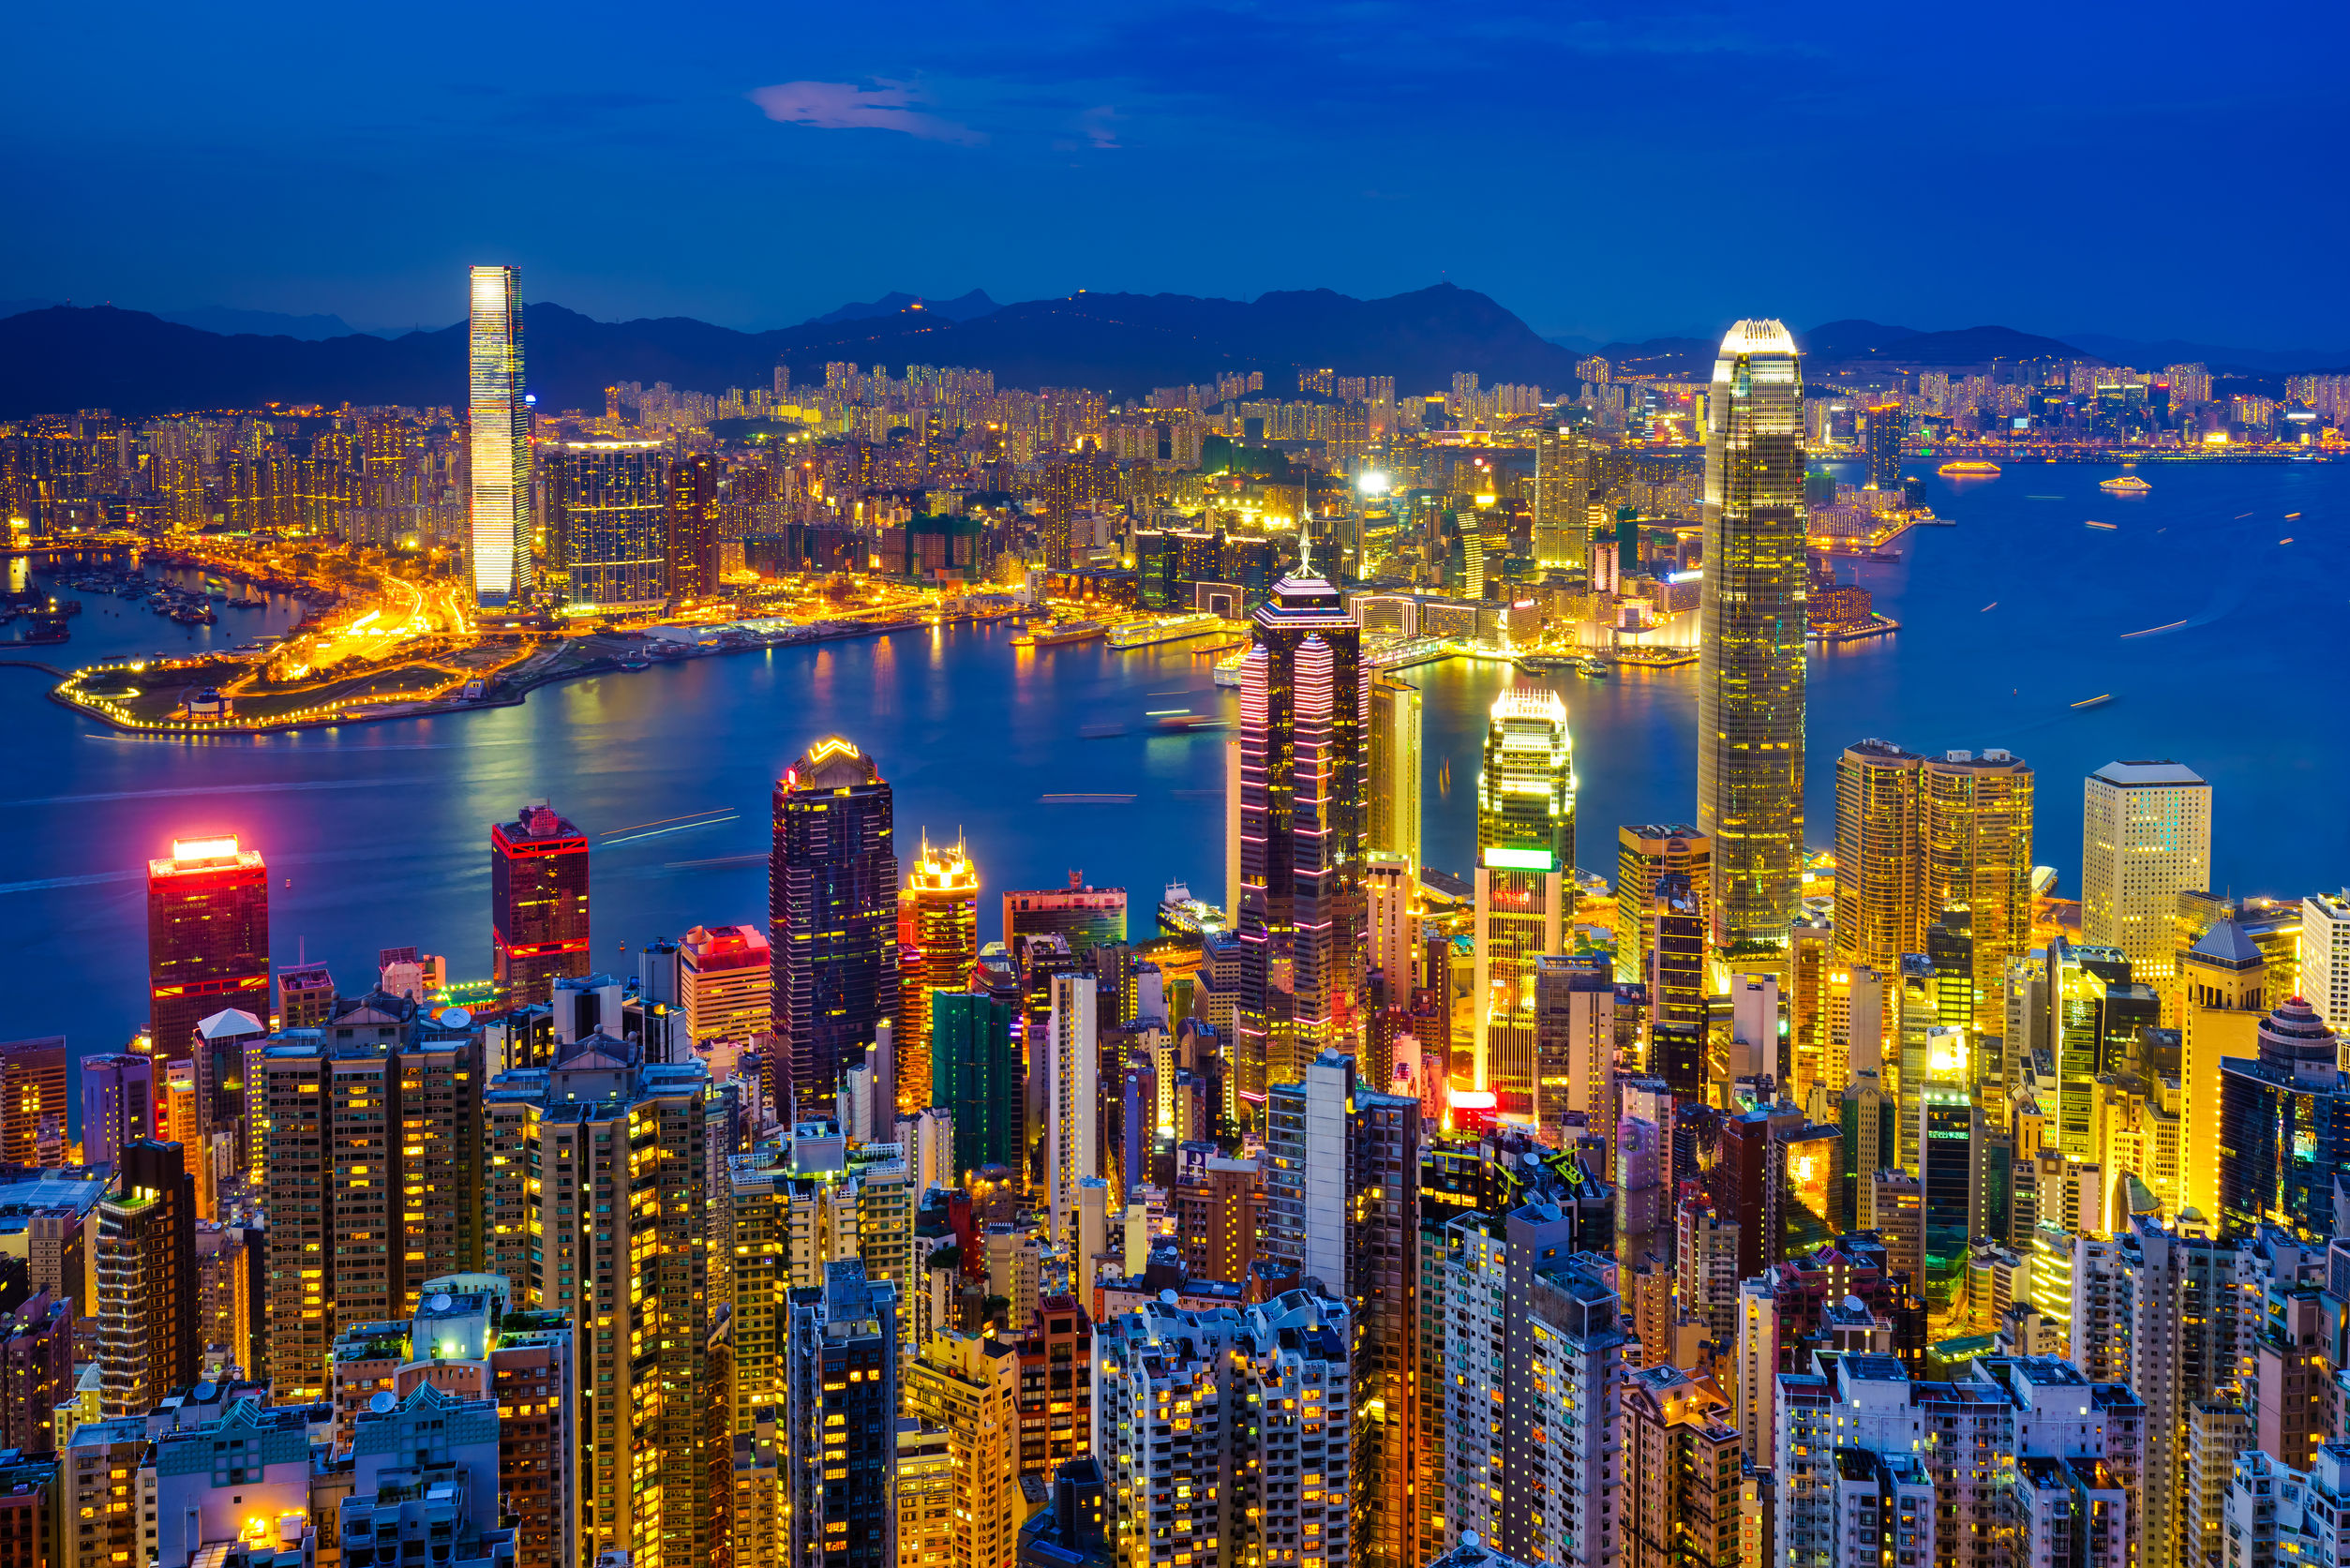 هونغ كونغ الأفق والميناء